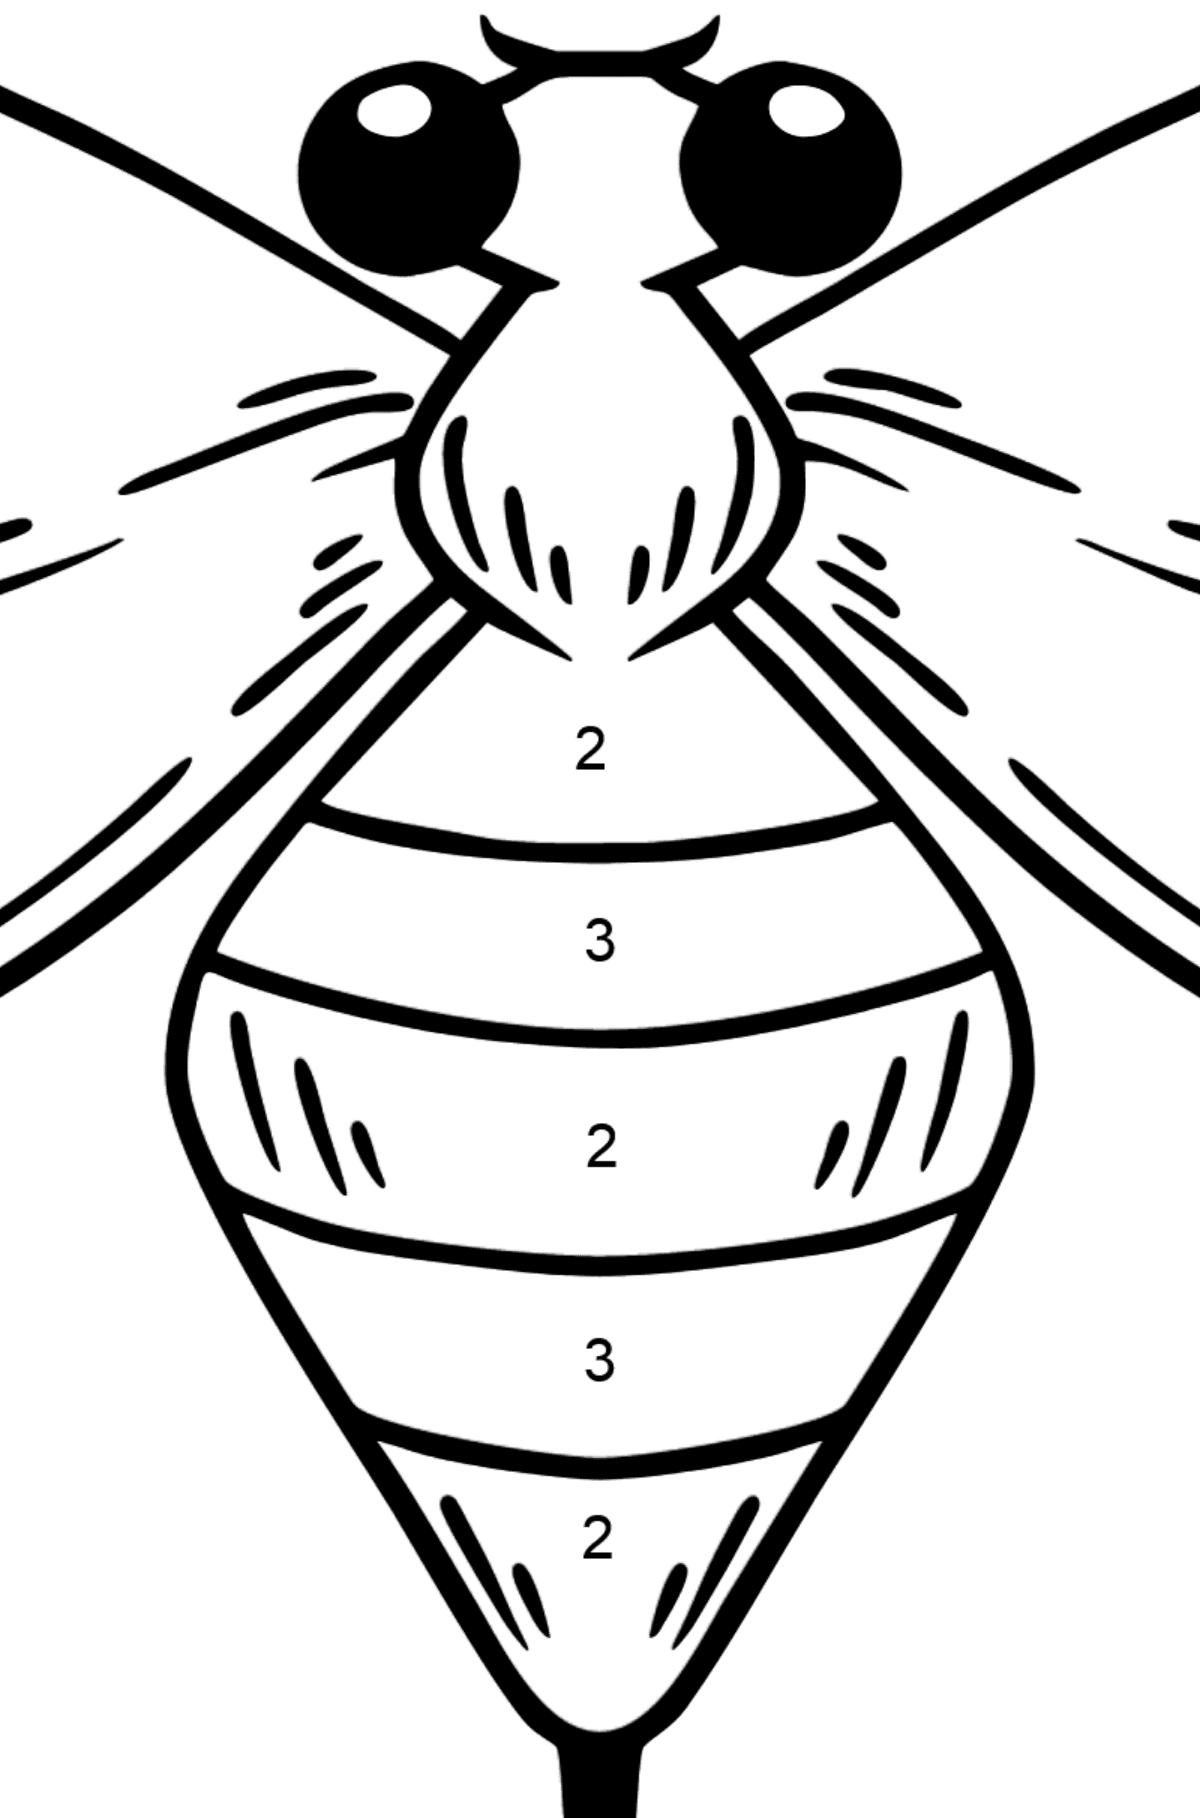 Dibujo de avispa para colorear - Colorear por Números para Niños